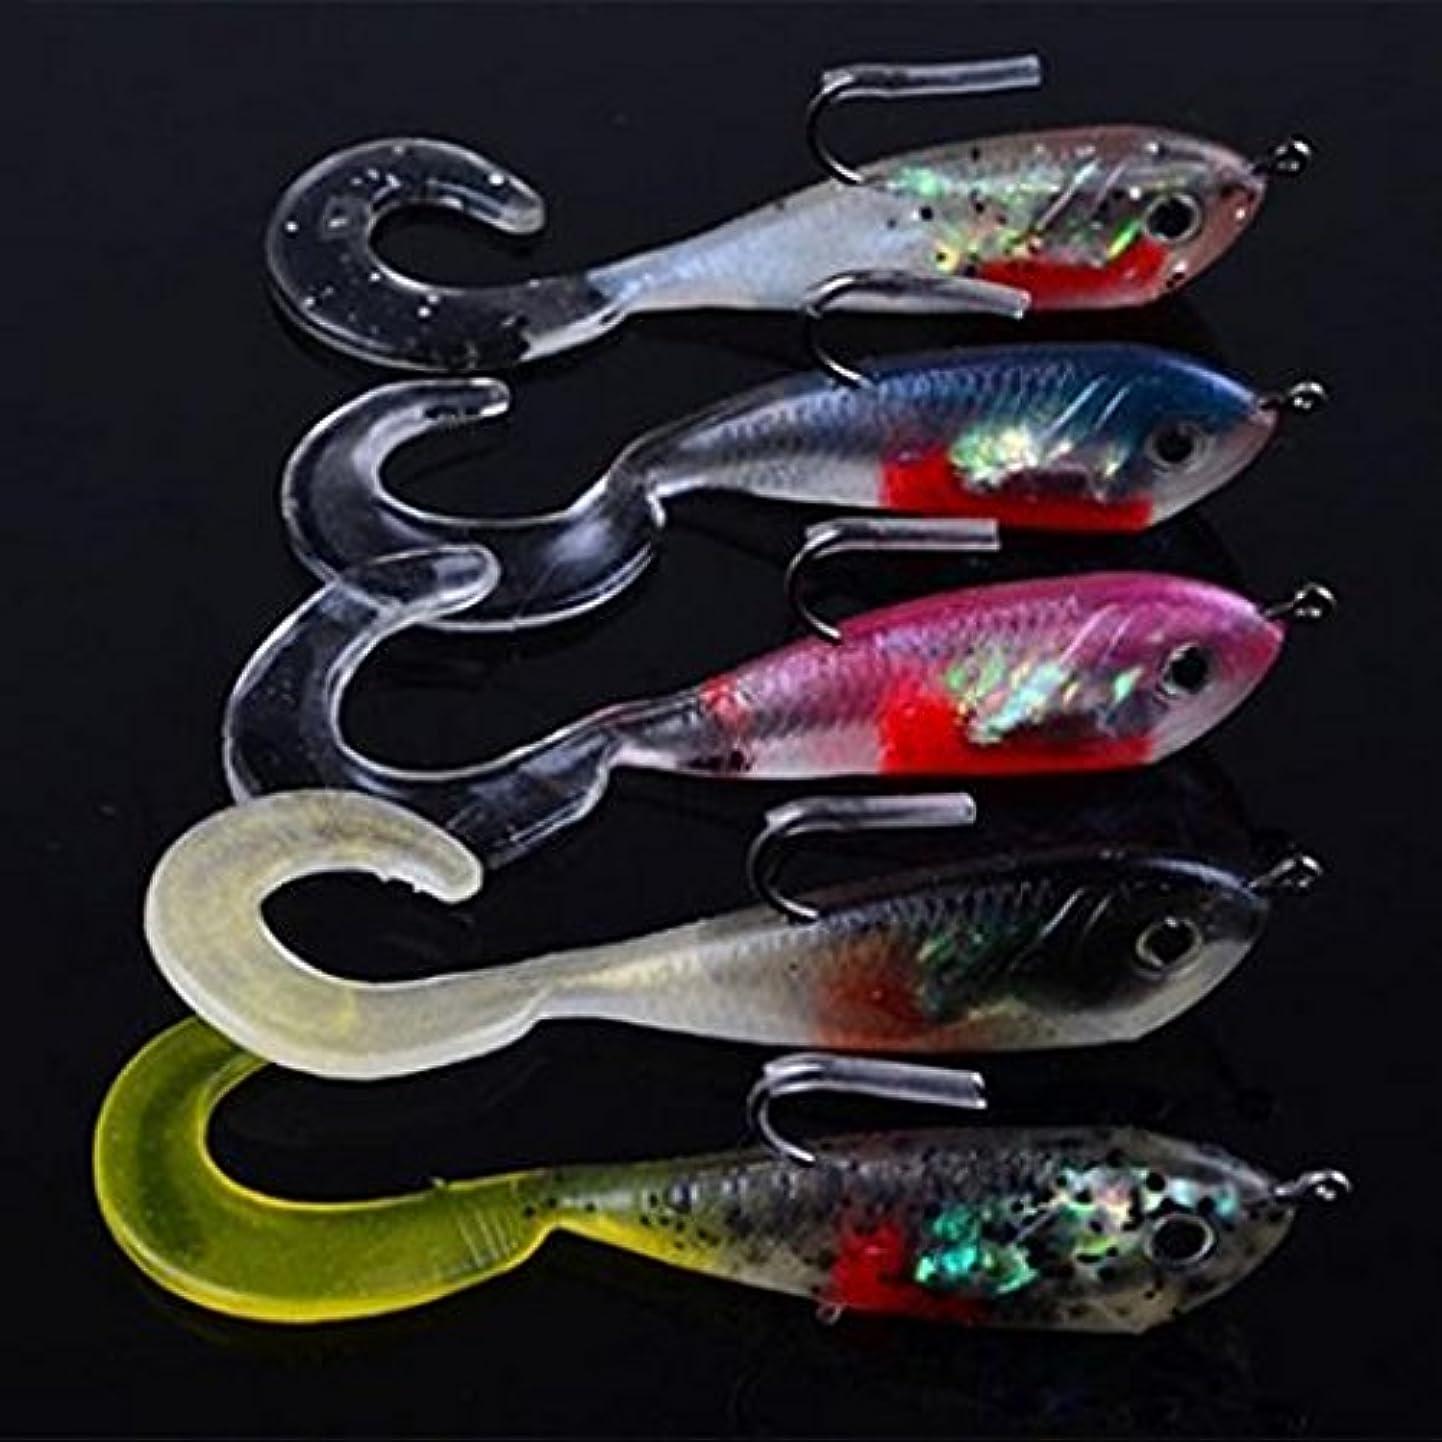 音オンス強います5個のソフトシリコーンマルチカラーのバイオフィッシュ餌は、屋外釣りタックルキット